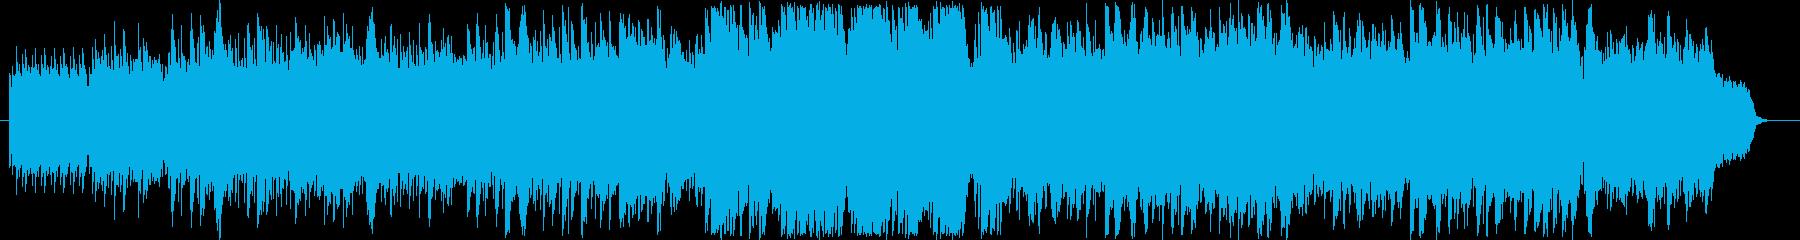 切なく繊細なピアノにストリングスバックの再生済みの波形